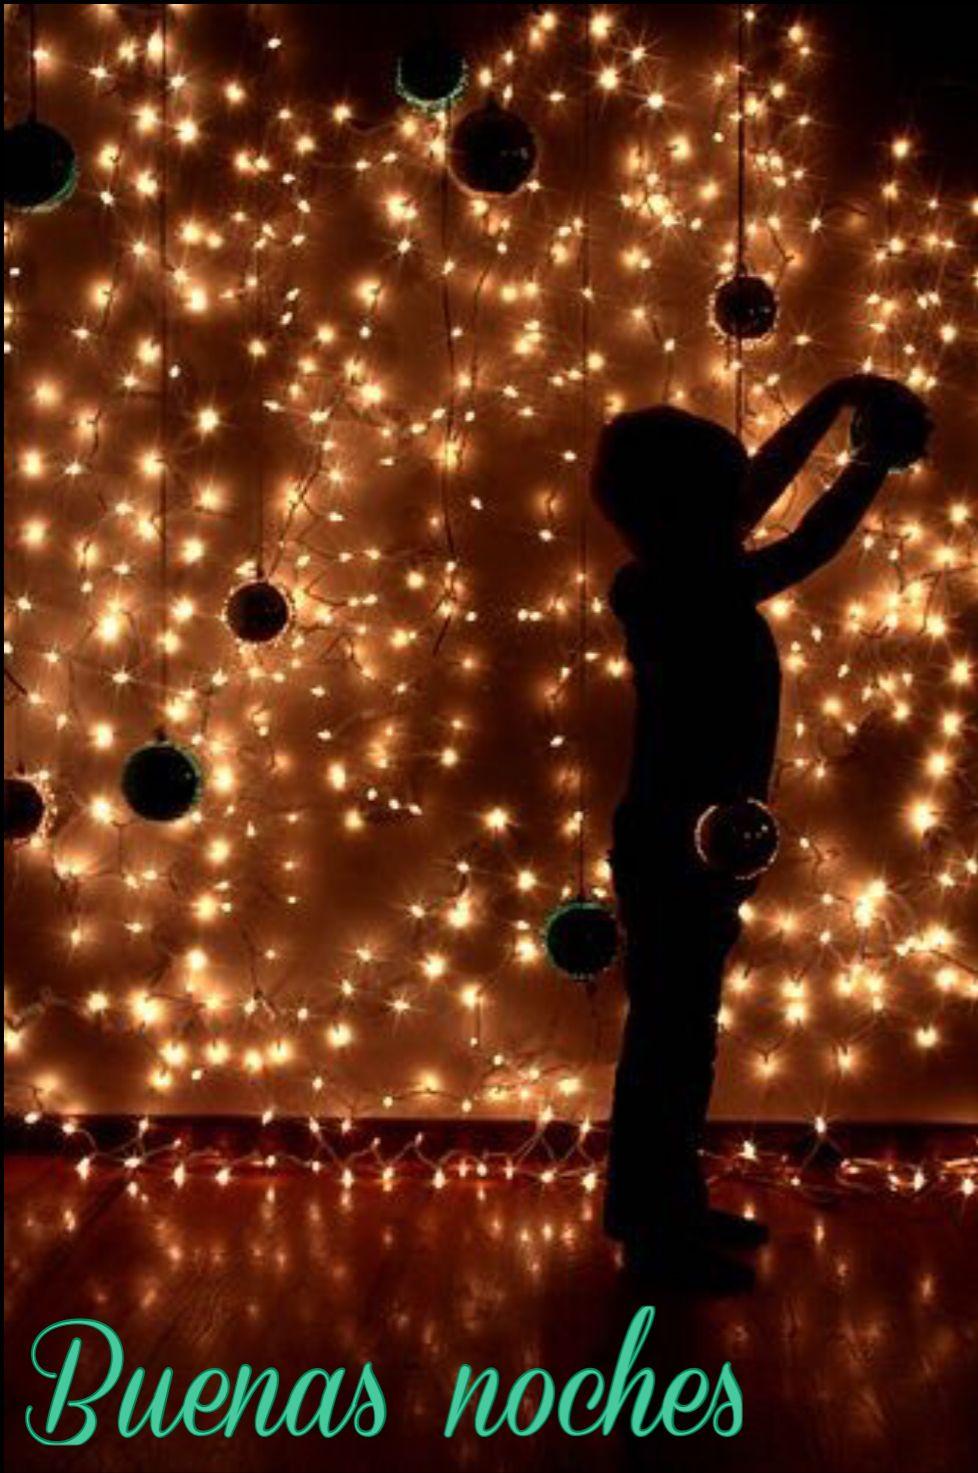 Buenas Noches Navidad Fotos Luces De Navidad Fotos Con Luces